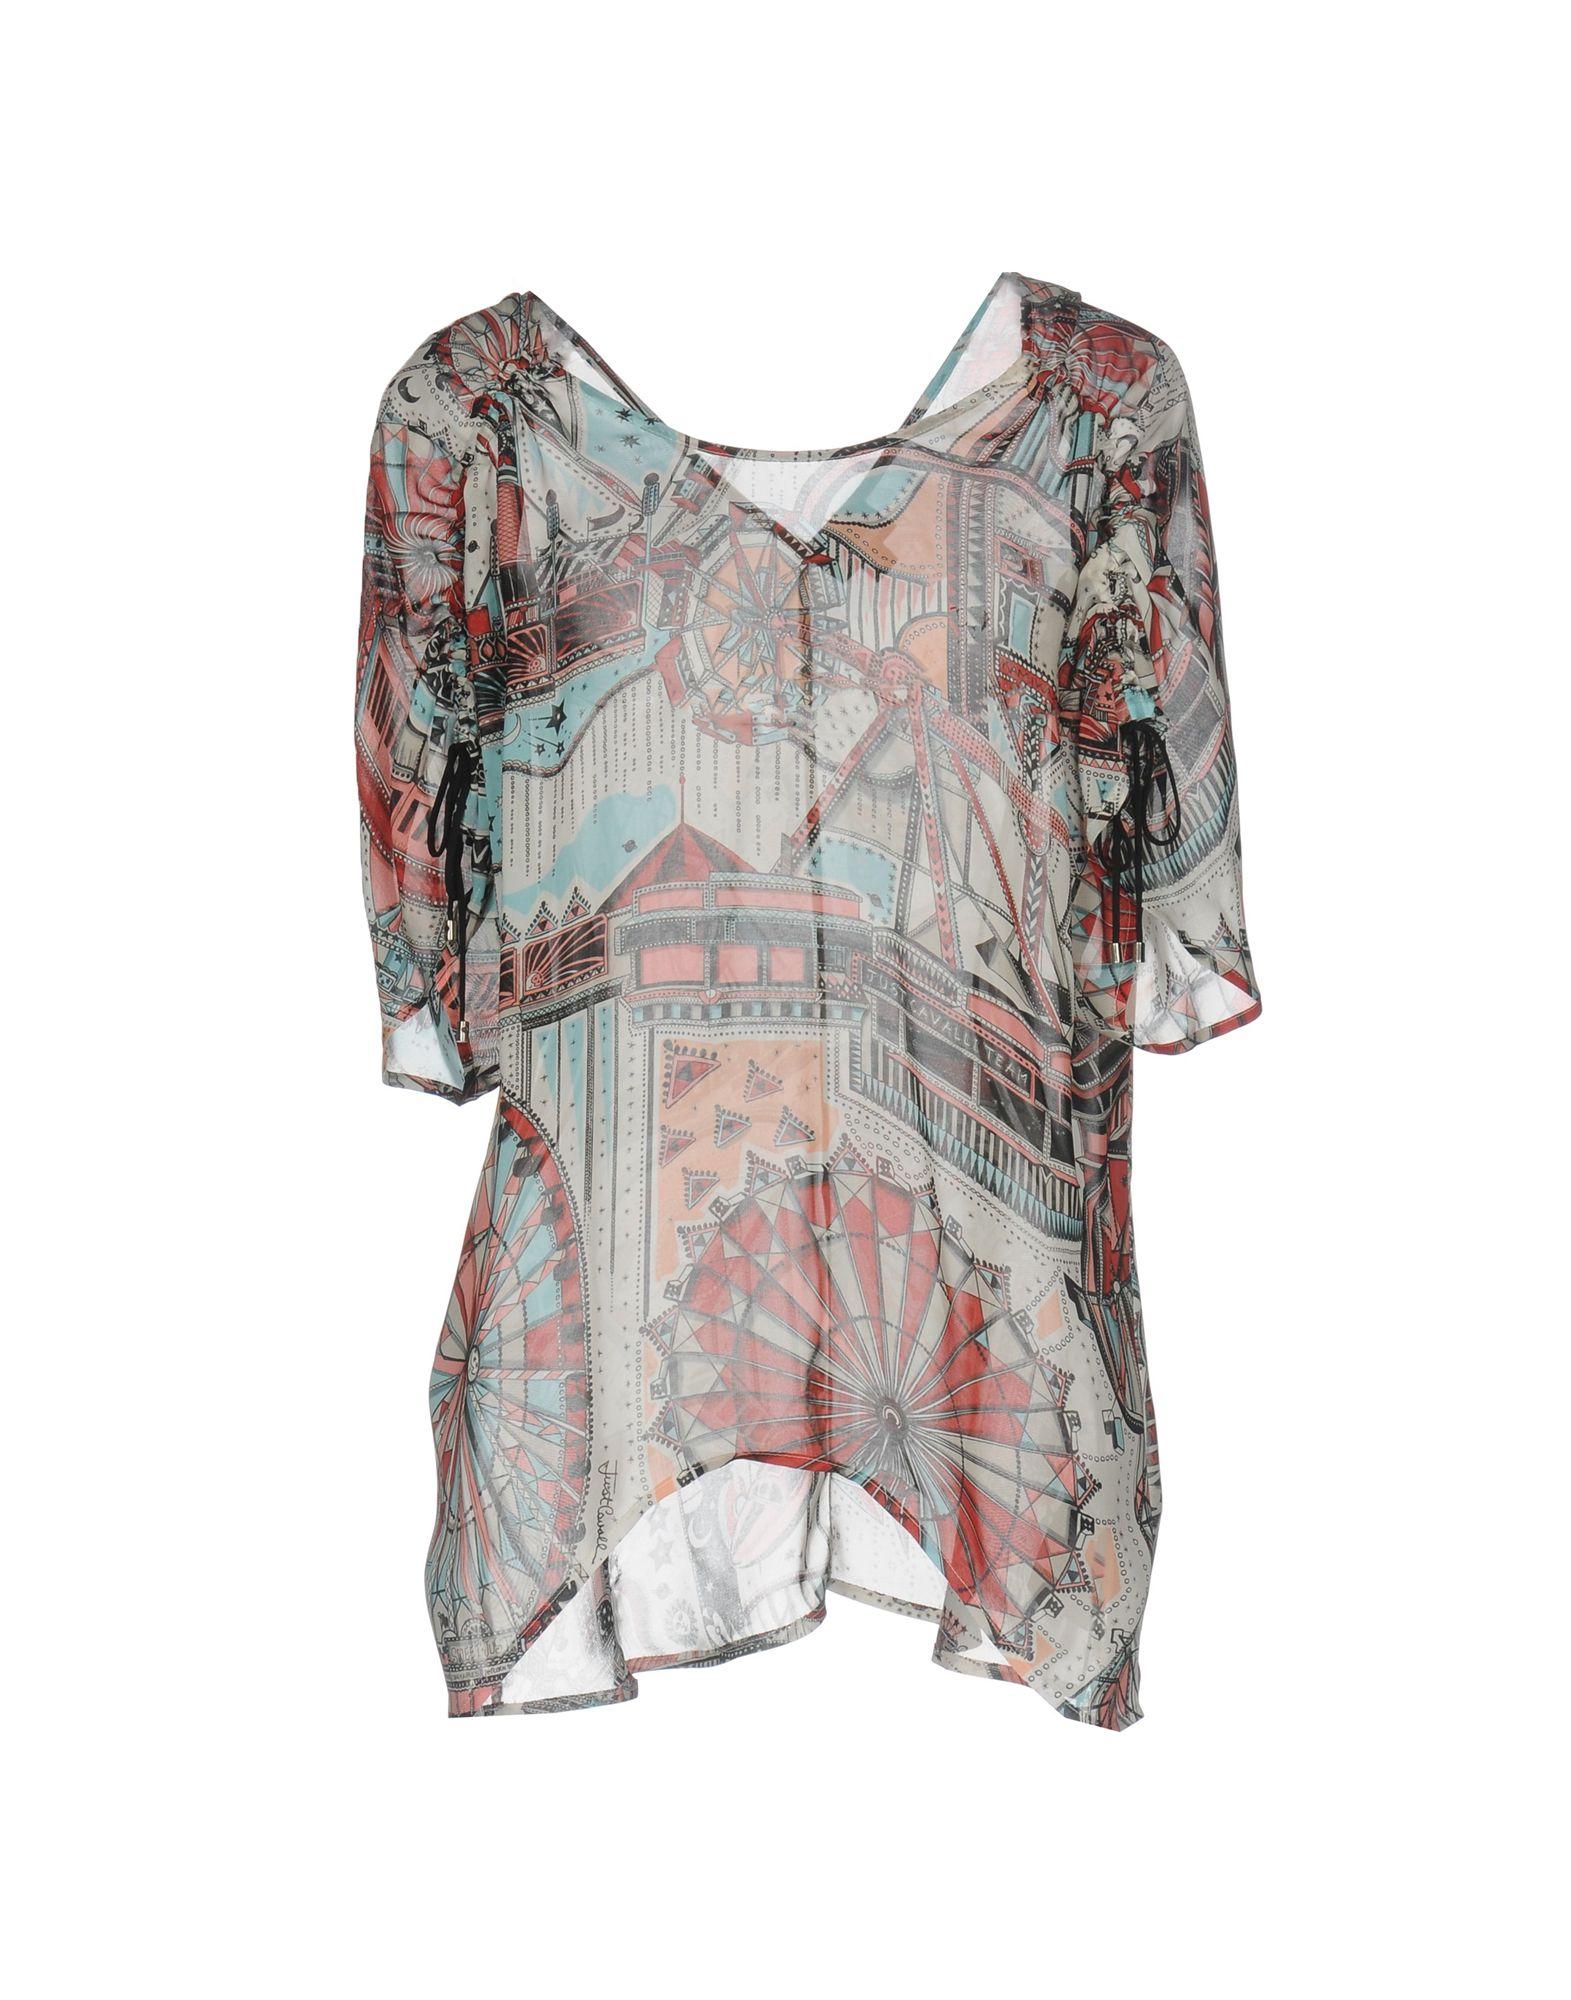 JUST CAVALLI Damen Bluse Farbe Ziegelrot Größe 4 jetztbilligerkaufen